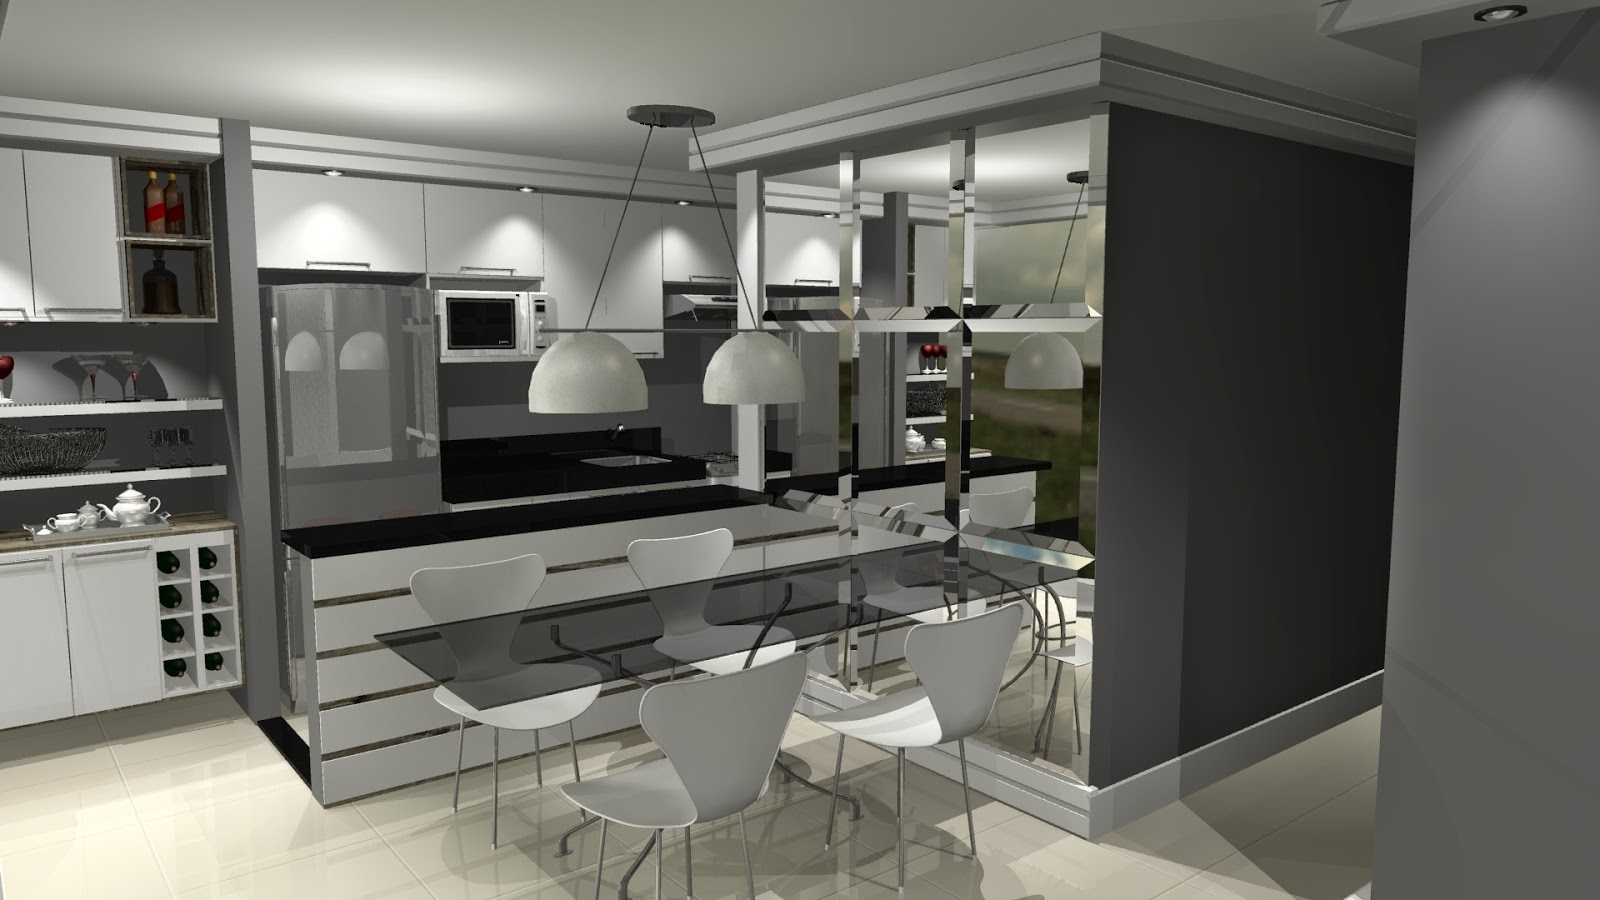 #736F58 Cozinha integrada com sala ao lado da cozinha fizemos um barzinho 1600x900 px Projetos De Cozinhas De Bares #503 imagens